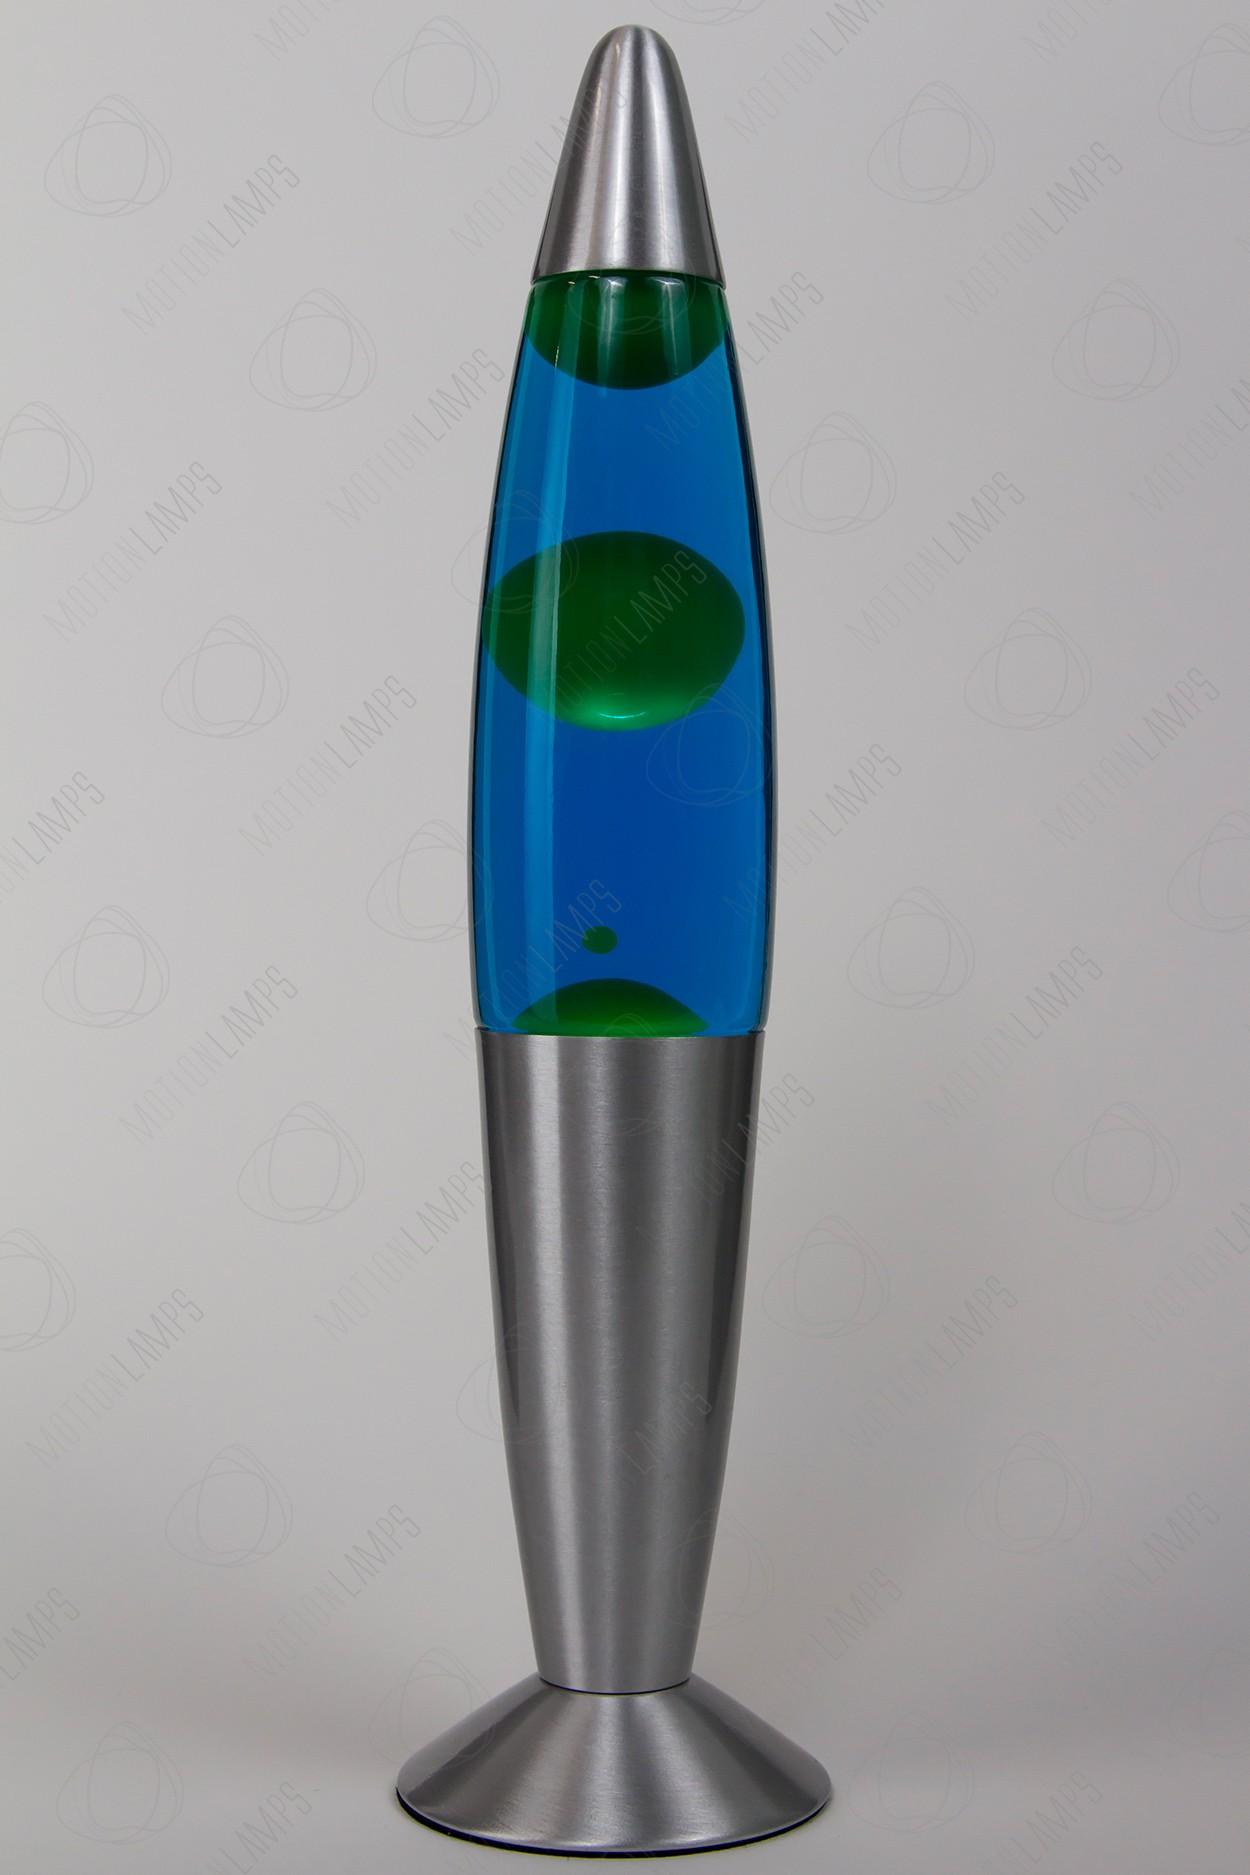 Лава-лампа 35см Зелёная/Синяя (Воск) в Ярославле